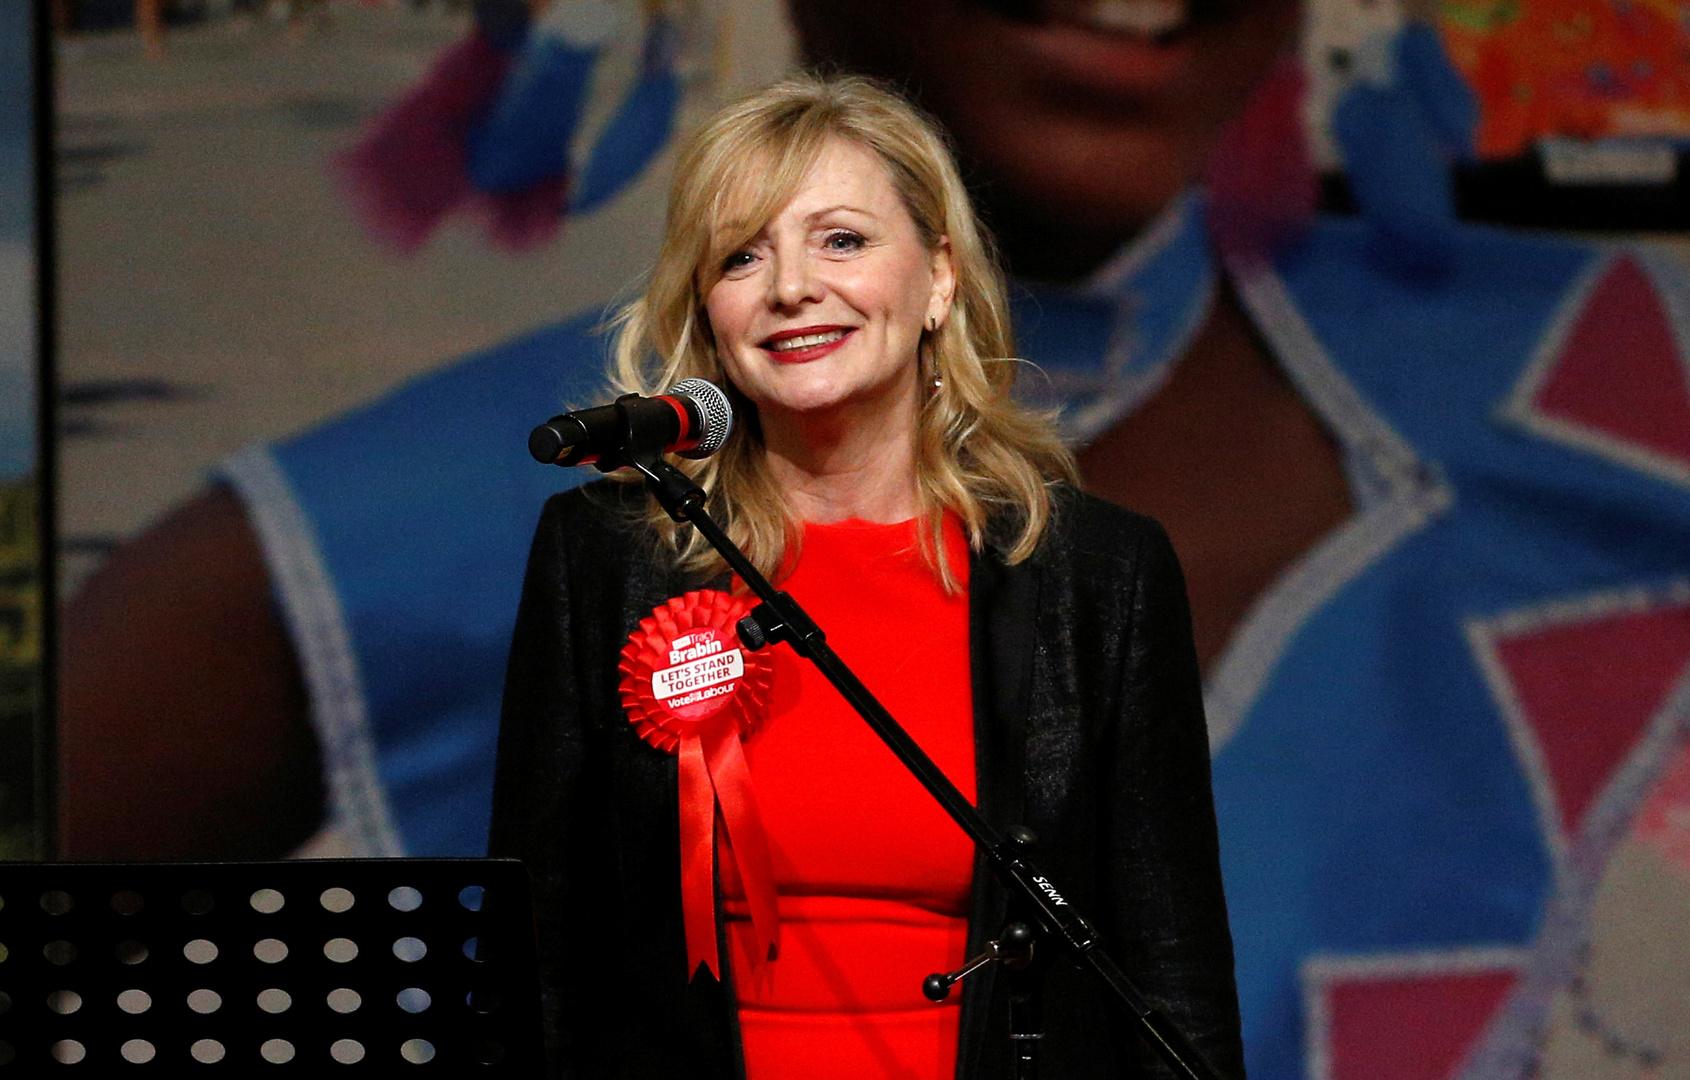 وزيرة الثقافة البريطانية تثير جدلا بفستانها داخل المجلس